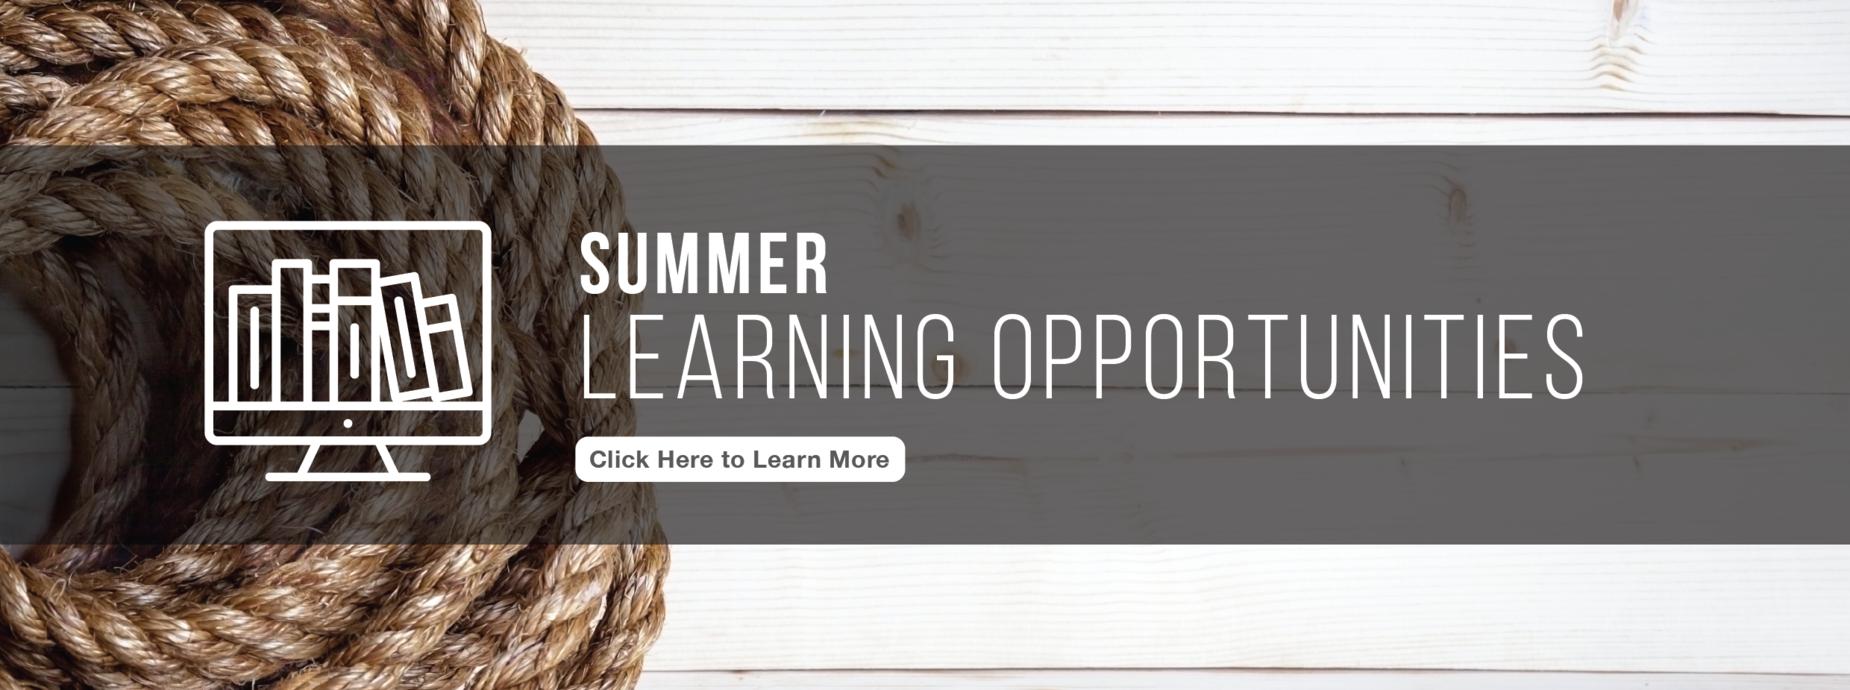 Summer Learning Opportunites